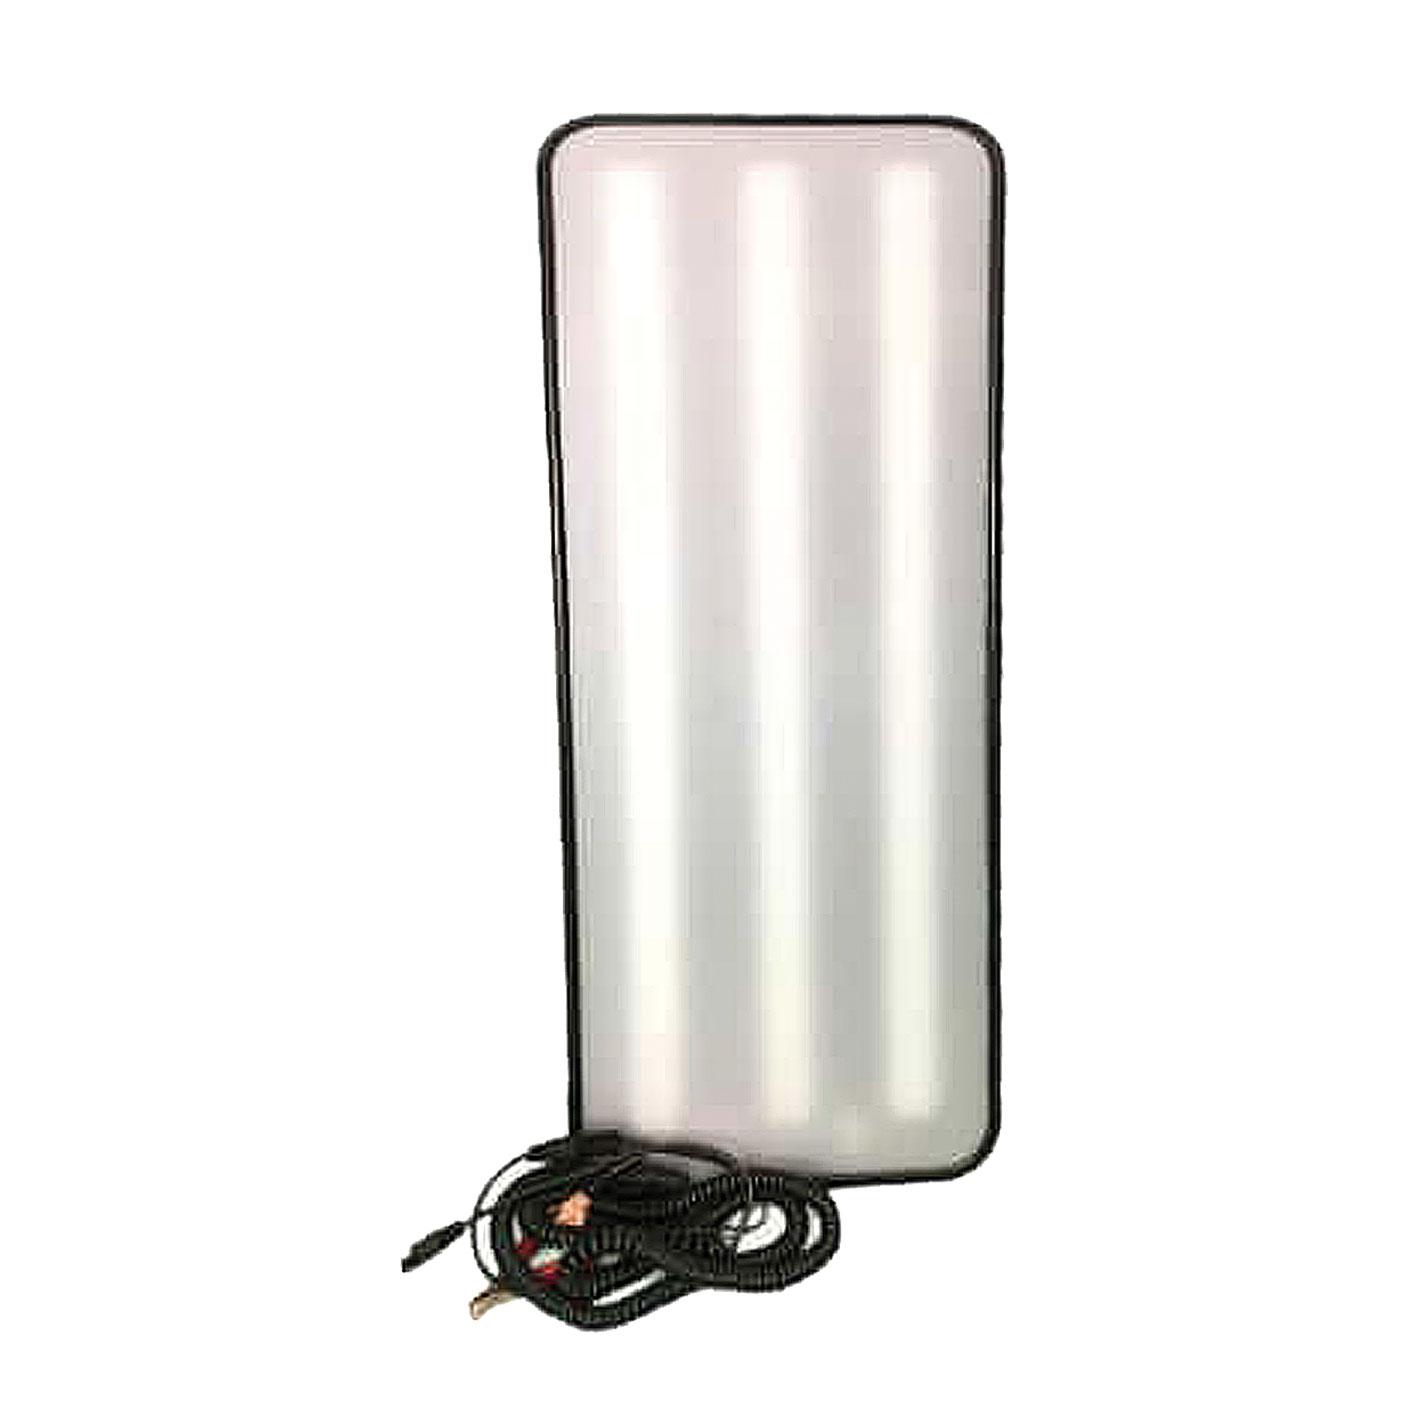 LED Ausbeullampe, 36 Zoll, dimmbar